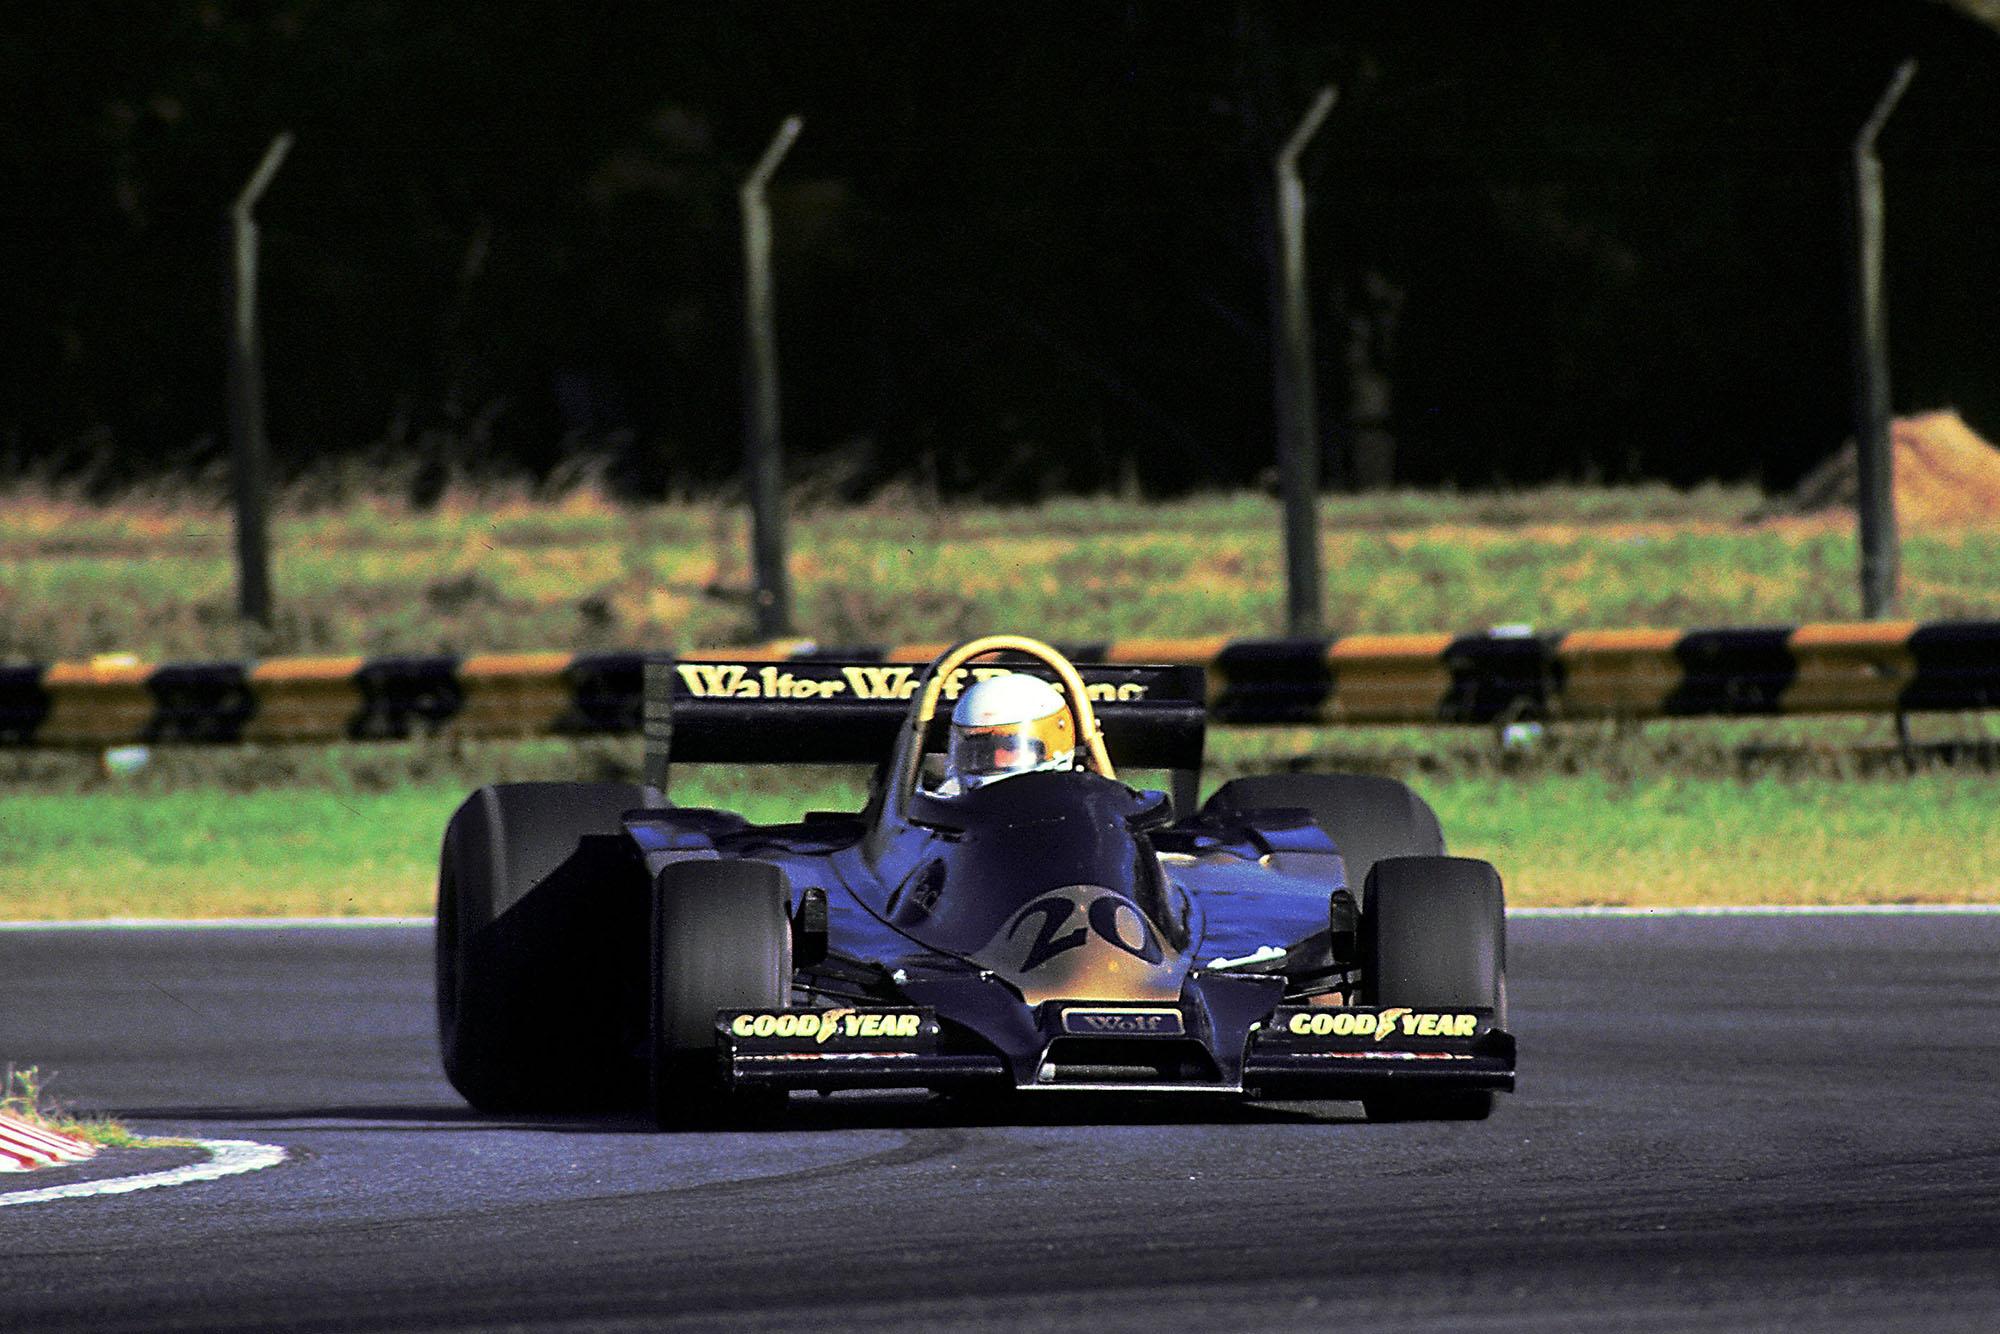 1977 Argentine GP feature